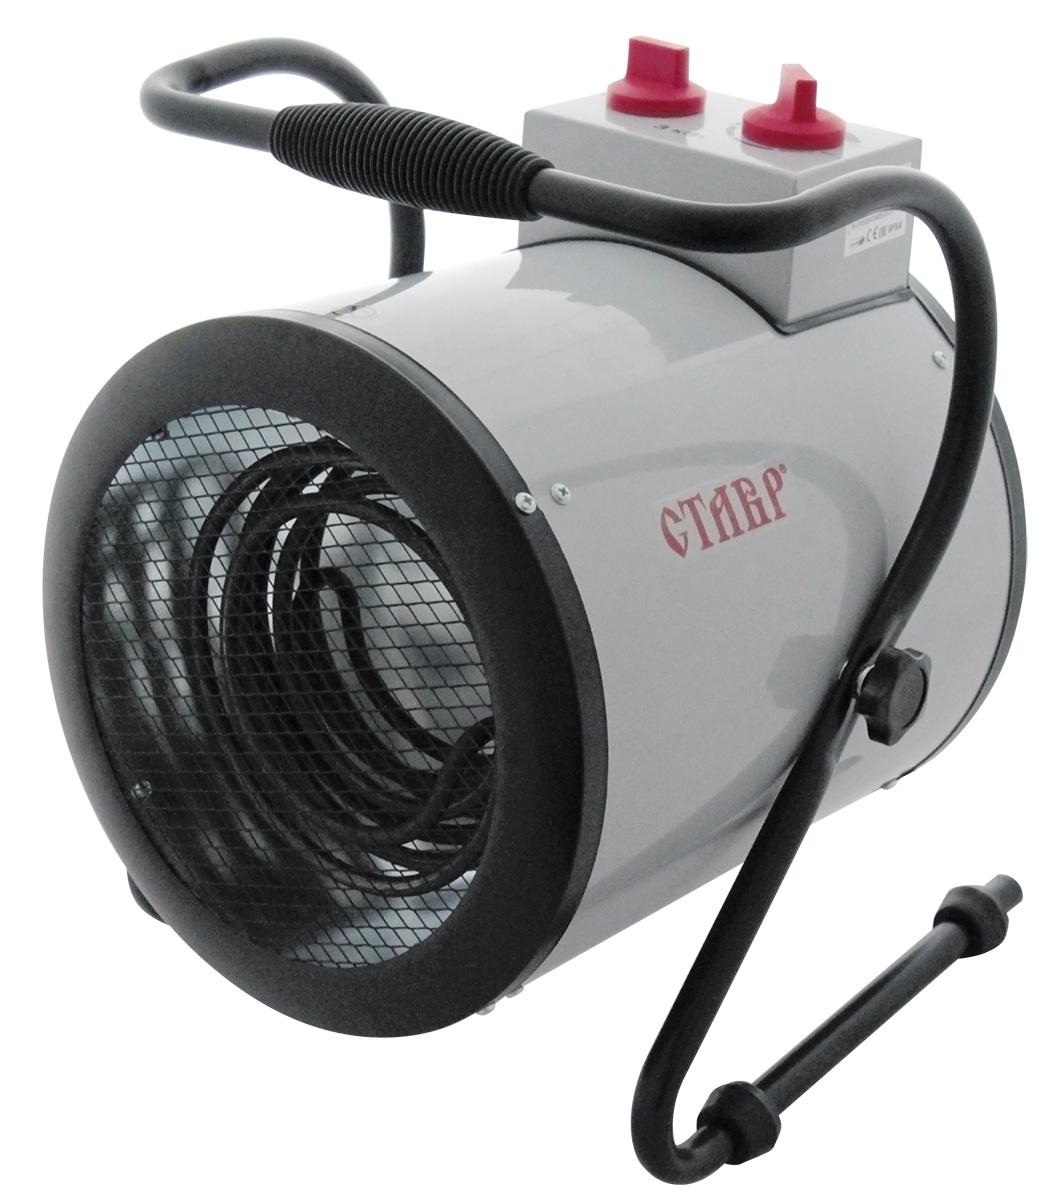 Пушка тепловая электрическая Ставр ПТЭ-3000/2Кст3000-2кптэТепловая пушка Ставр ПТЭ-3000/2К используется для временного или постоянного обогрева и просушки помещений самого разного назначения. При перегревании пушка автоматически отключается, что обеспечивает большую безопасность. Три режима обогрева позволяют поддерживать необходимую температуру. Металлический корпус обеспечивает долгий срок службы устройства и стойкость к механическим воздействиям. Настраиваемый термостат дает возможность поддерживать заданную температуру в помещении. Пушка не выделяет вредных газов, благодаря чему ее можно использовать в любых помещениях